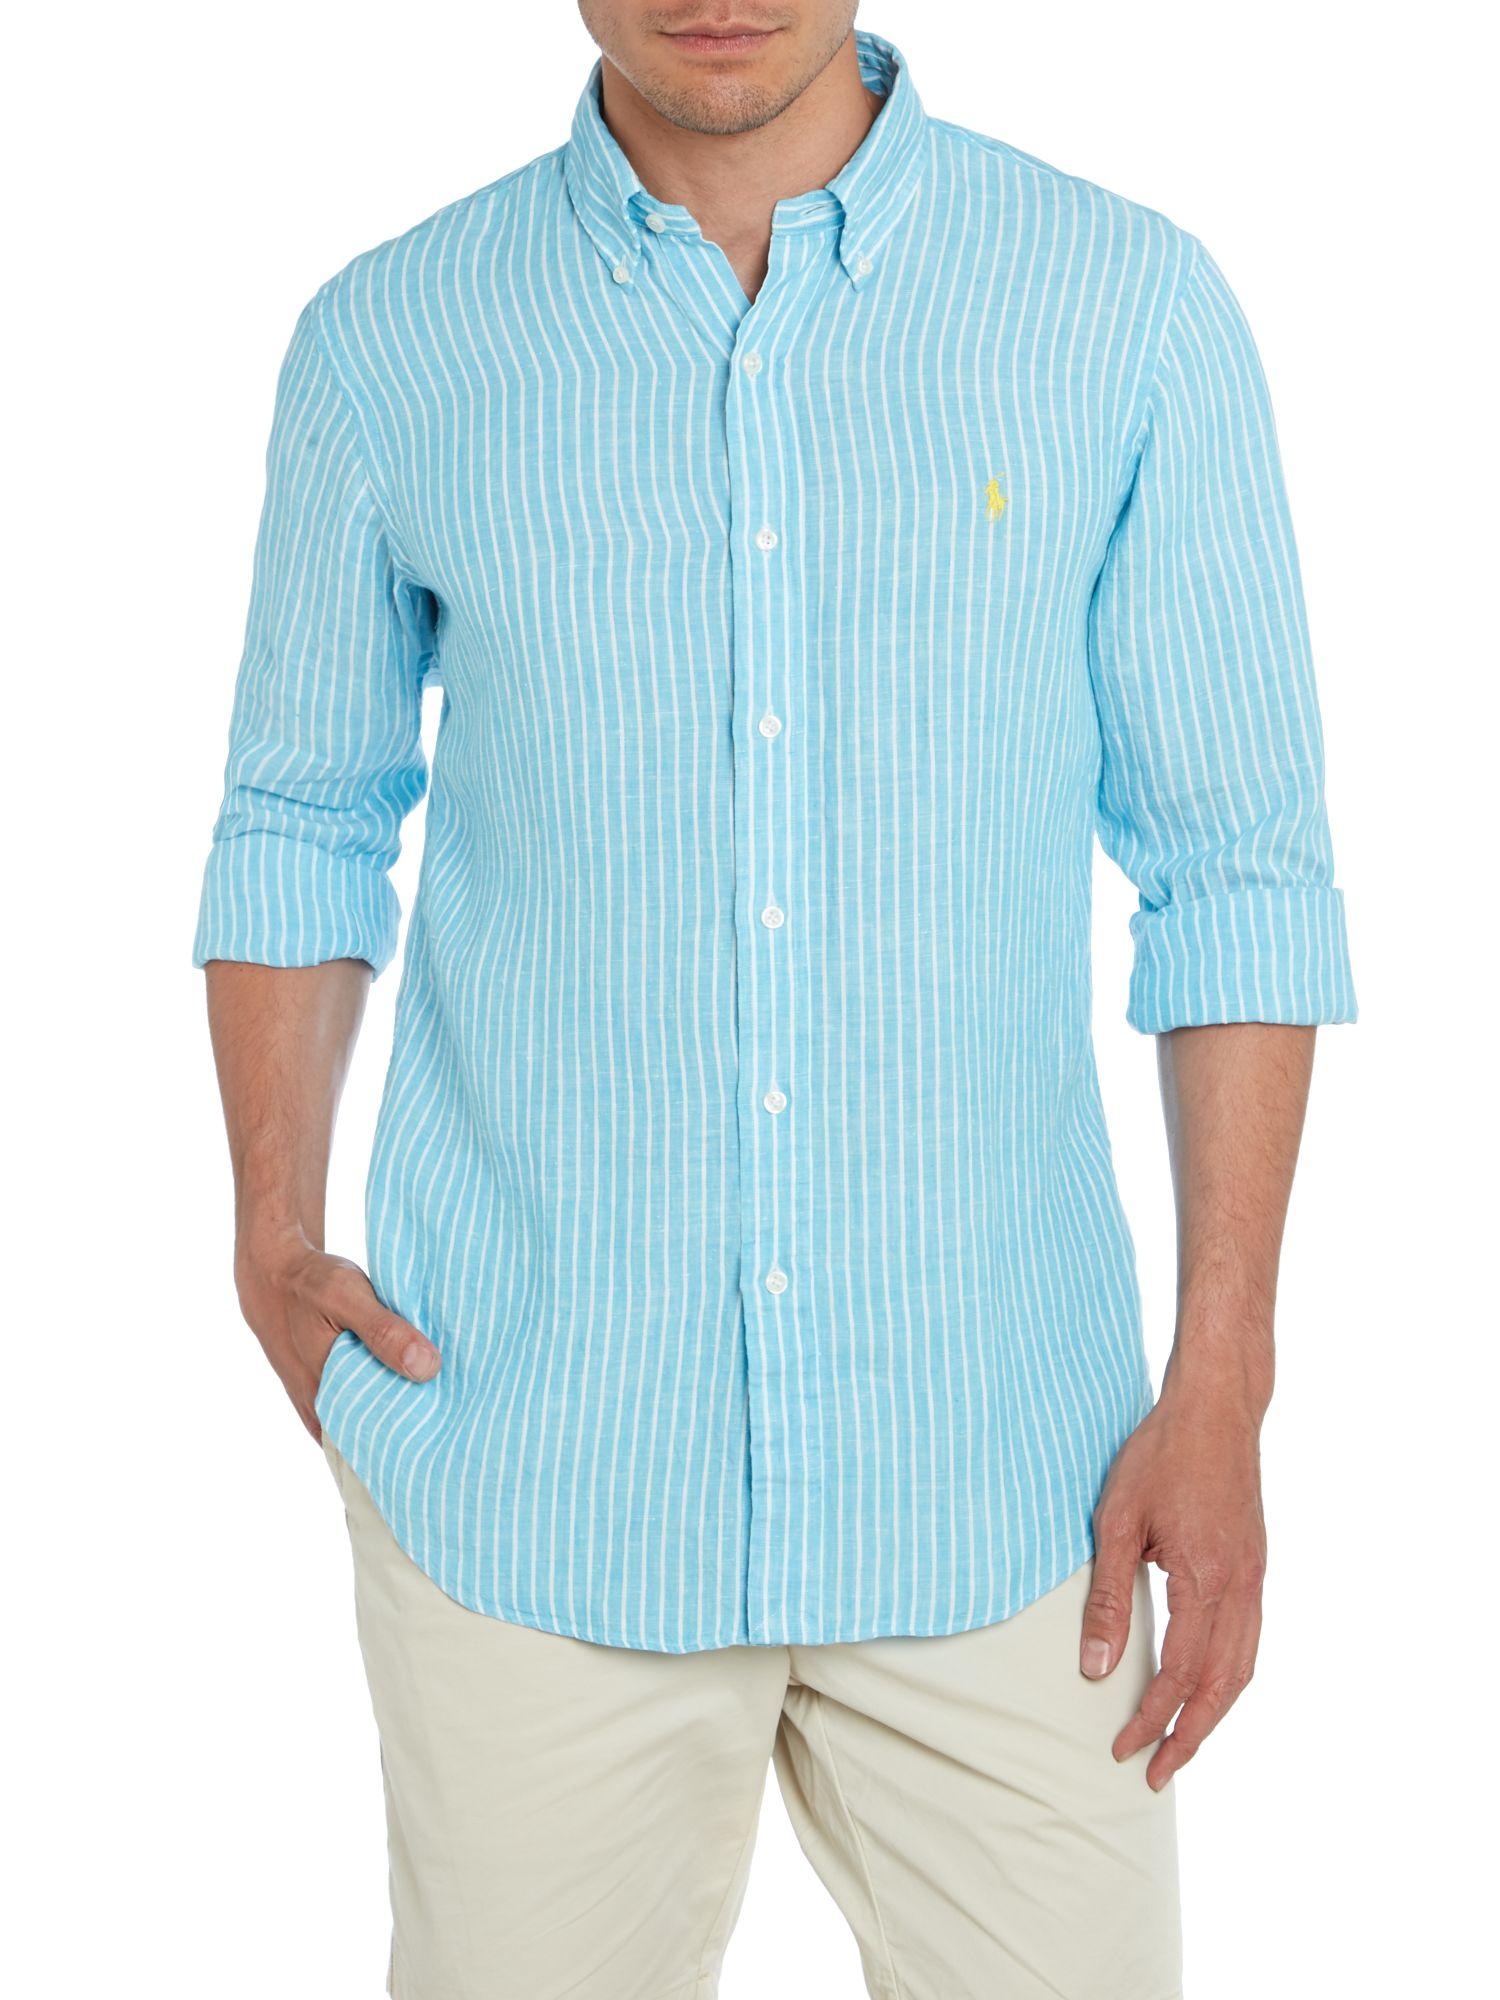 Polo ralph lauren long sleeve striped linen shirt in blue for Linen long sleeve shirt